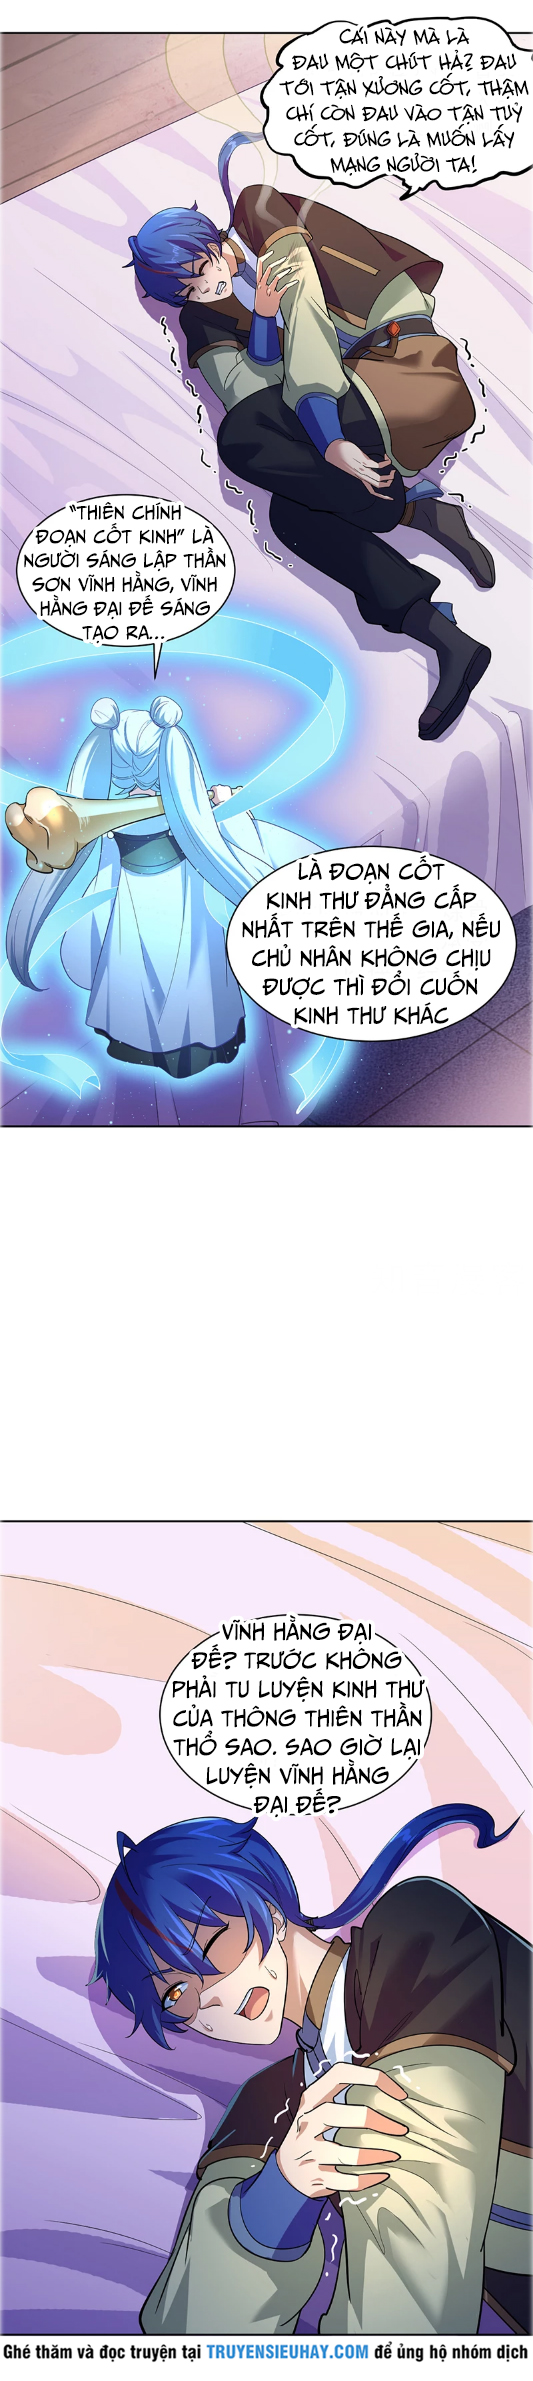 Võ Đạo Độc Tôn chap 63 - Trang 4